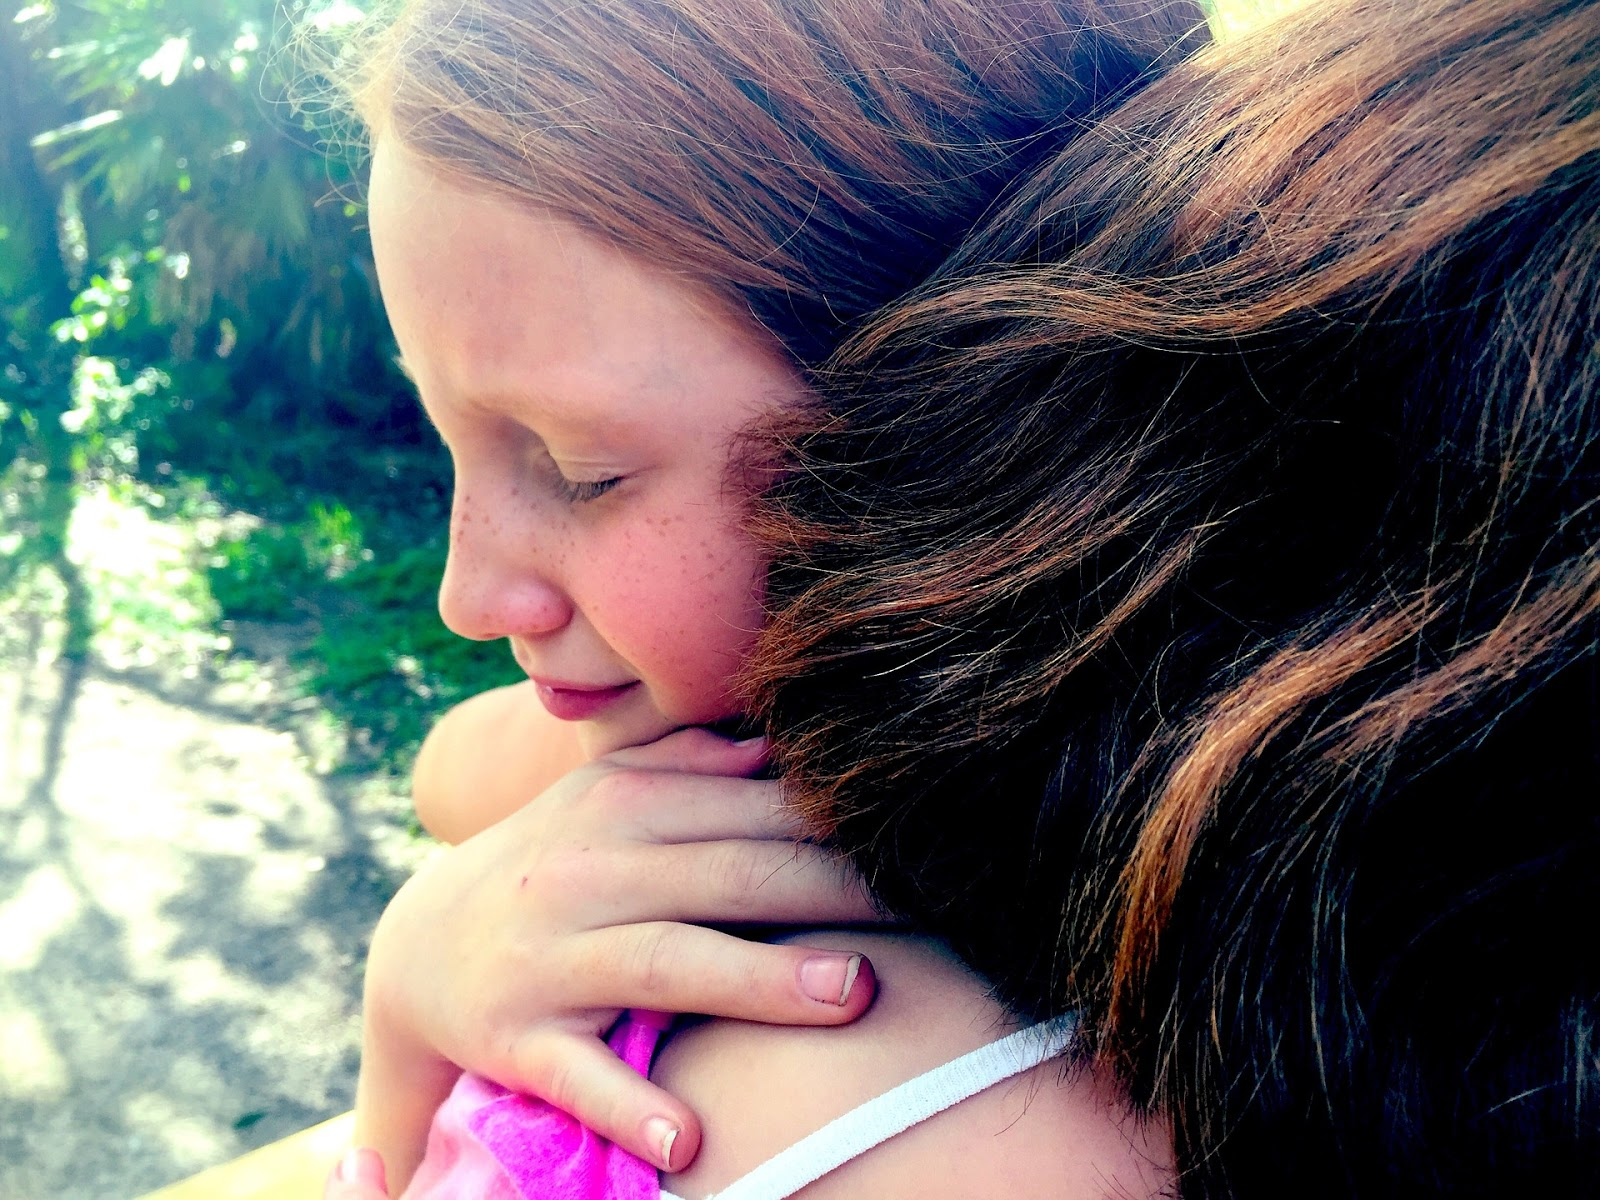 Krzyczenie na dziecko, rodzice krzyczą na dziecko, wychowywanie dziecka, niegrzeczne dziecko co robić